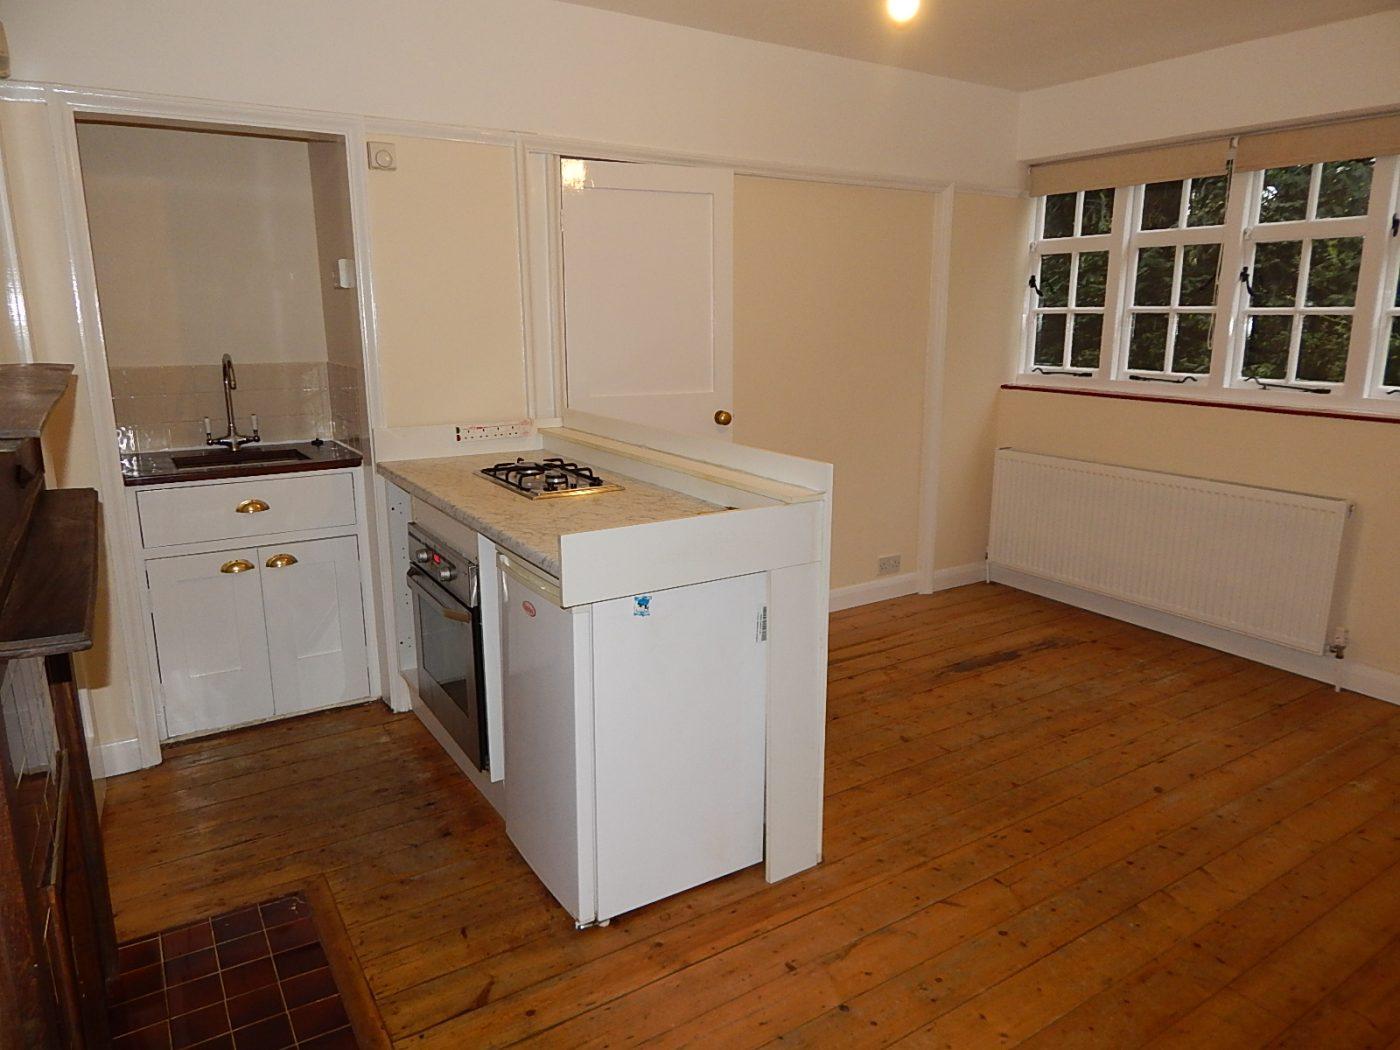 Barnett Homestead, Erskine Hill, NW11 - 1 Bedroom Flat